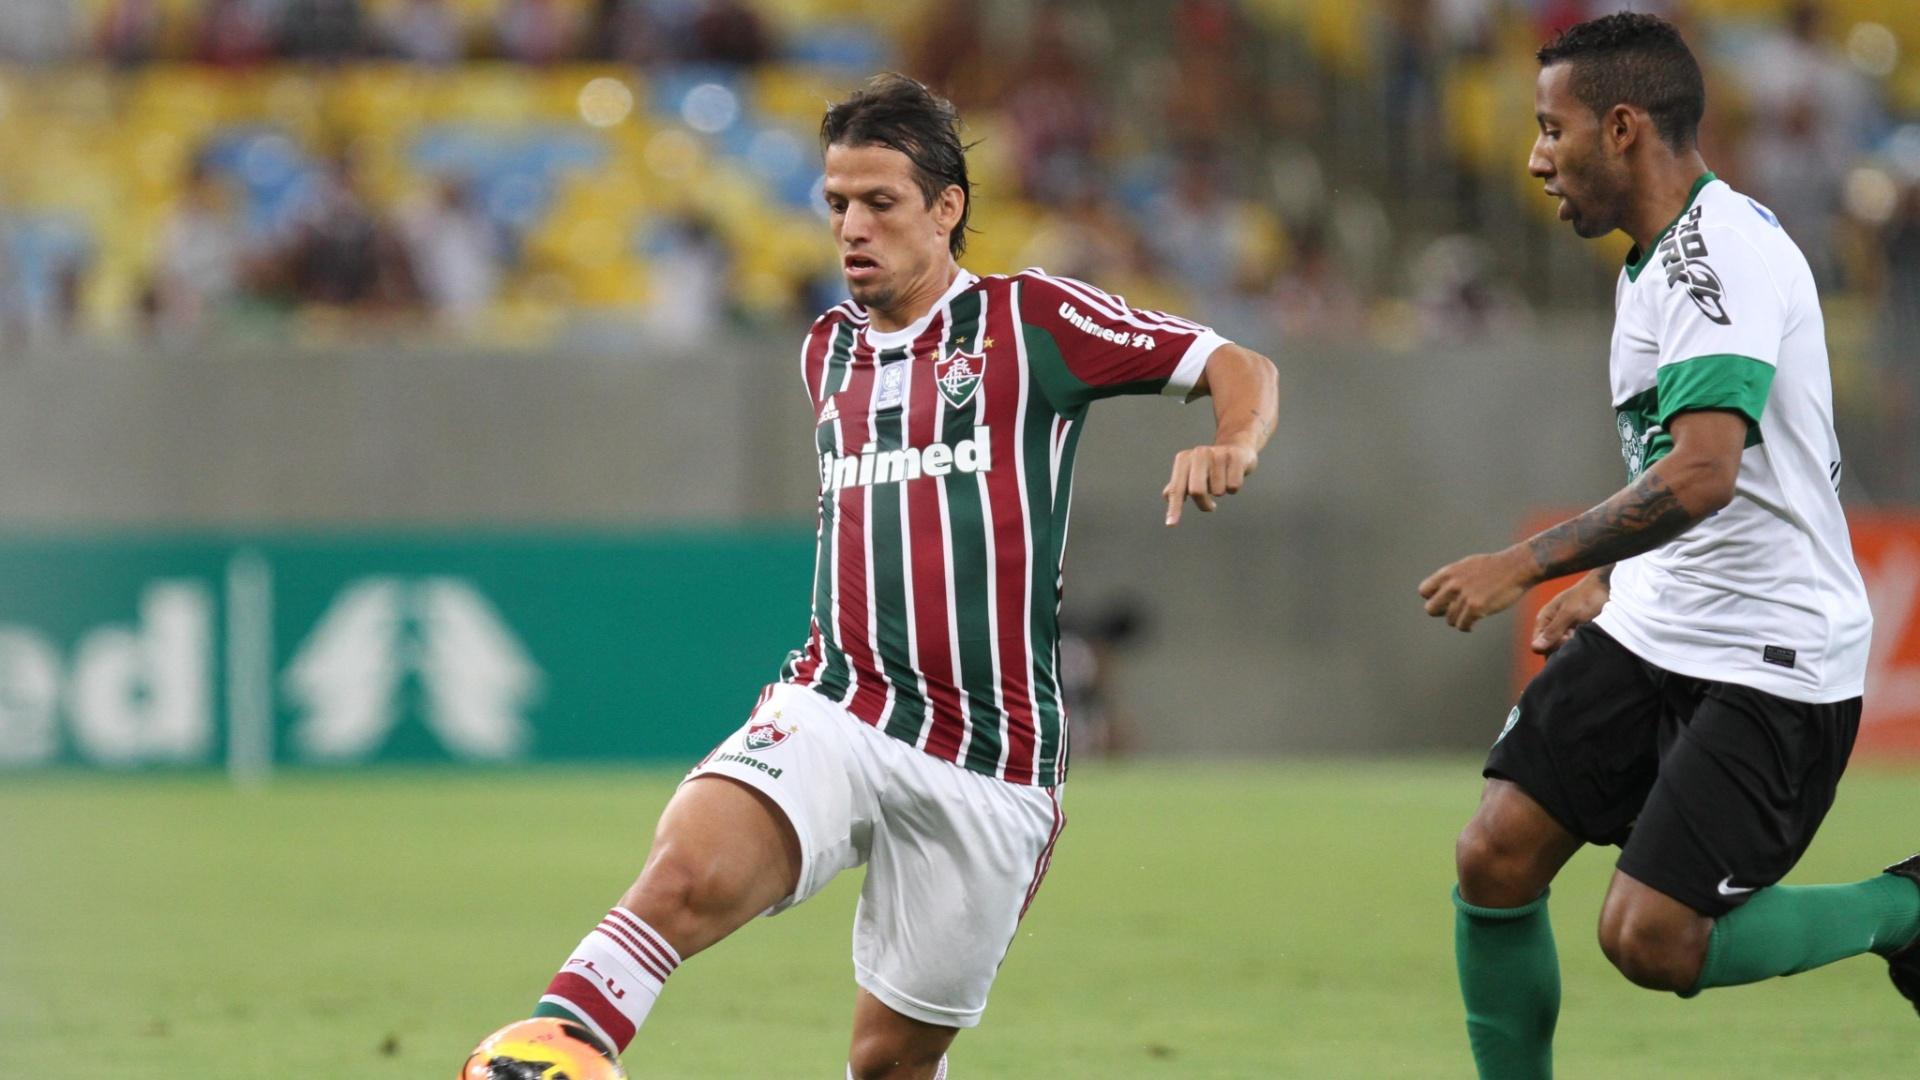 21.set.2013 - Diguinho, do Fluminense, domina a bola observado de perto por Vitor Júnior, do Coritiba, em jogo no Maracanã